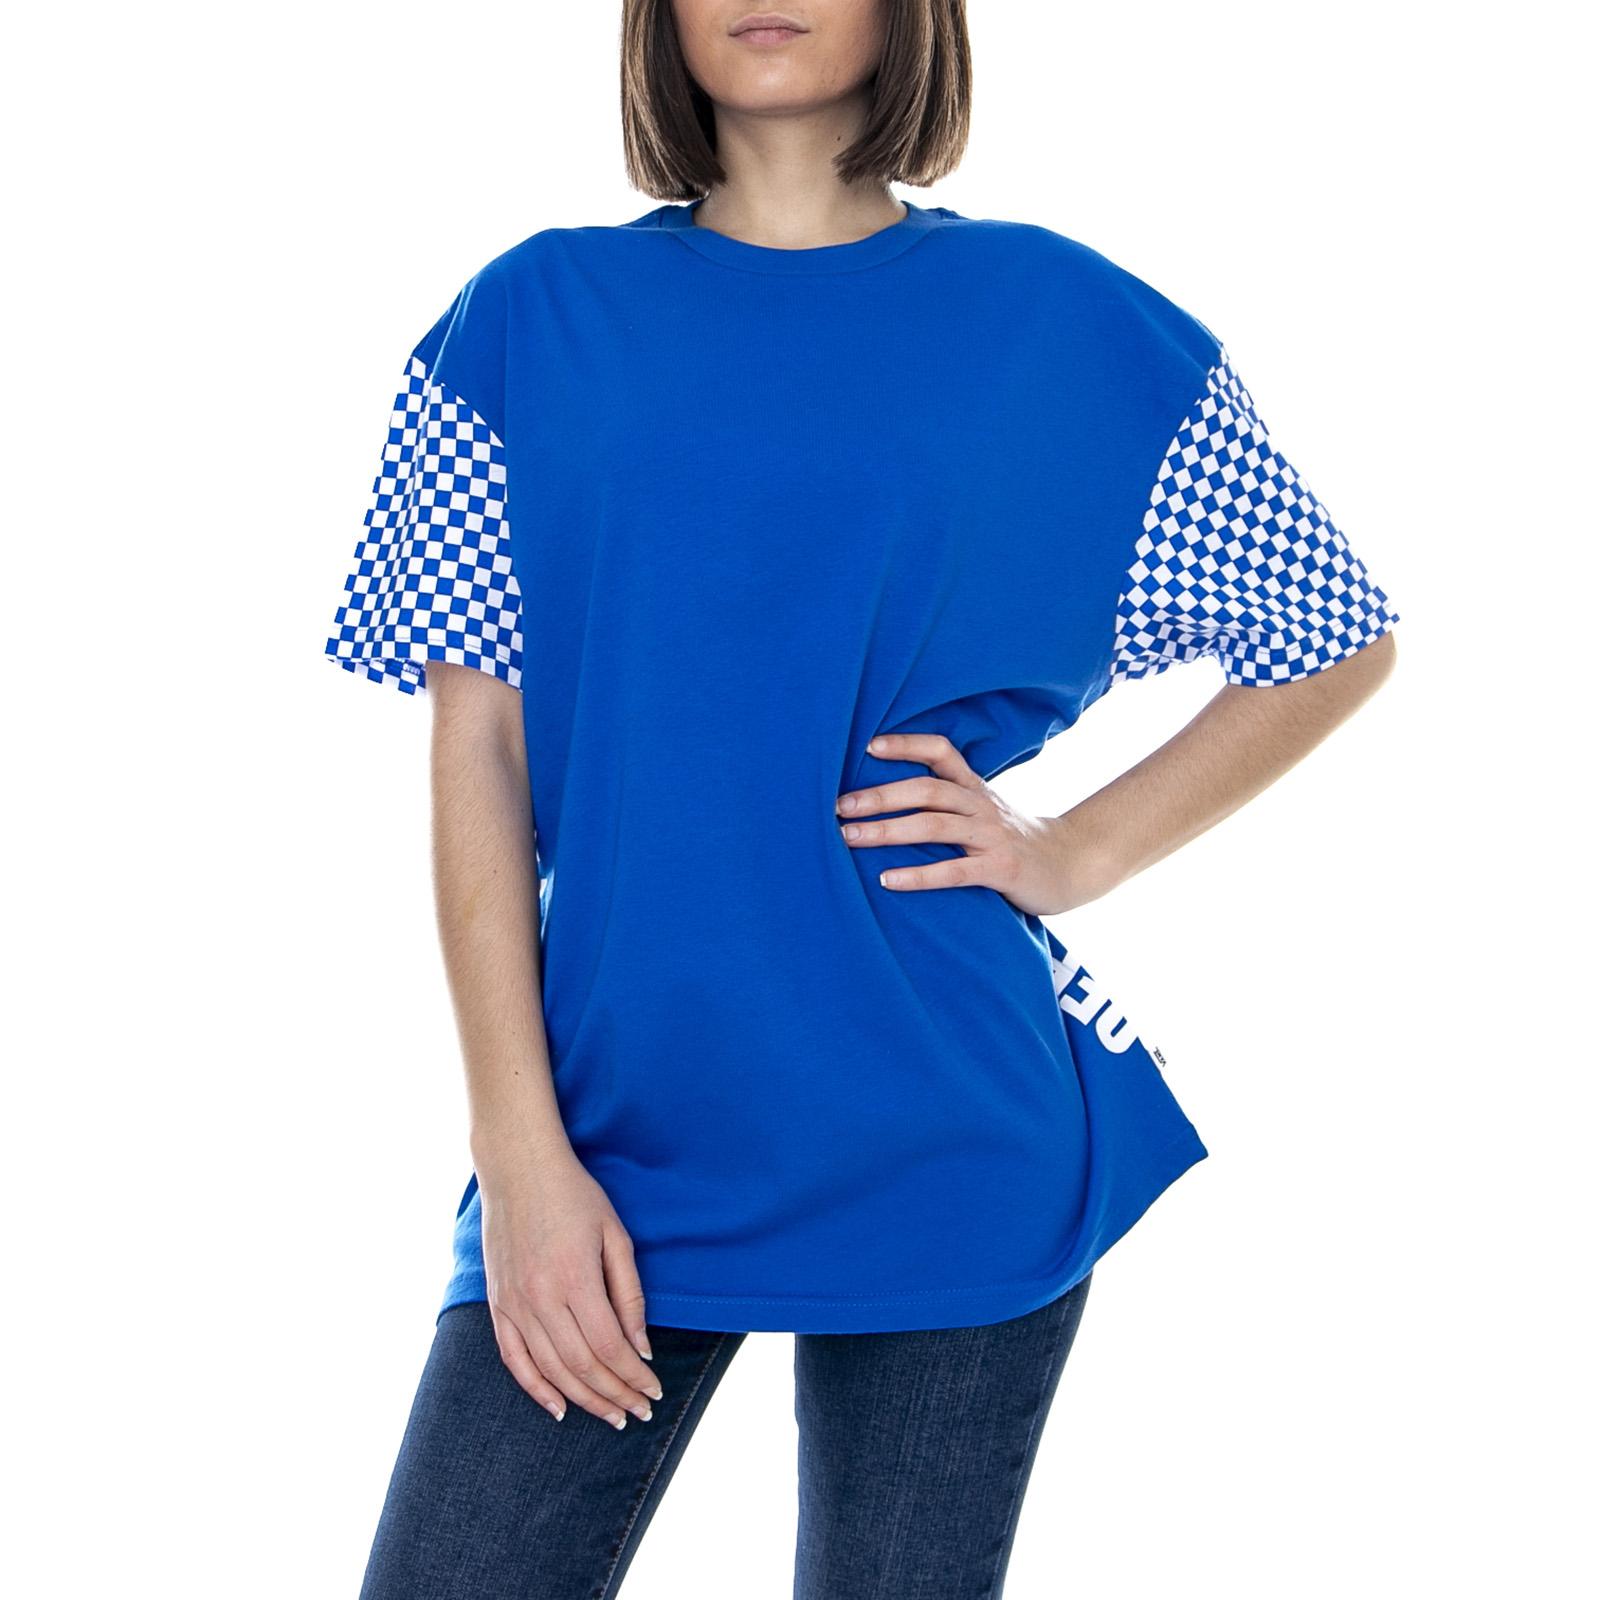 Dettagli su Vans Wm Emea Central Lapis Blu Maglietta Girocollo Donna Blue